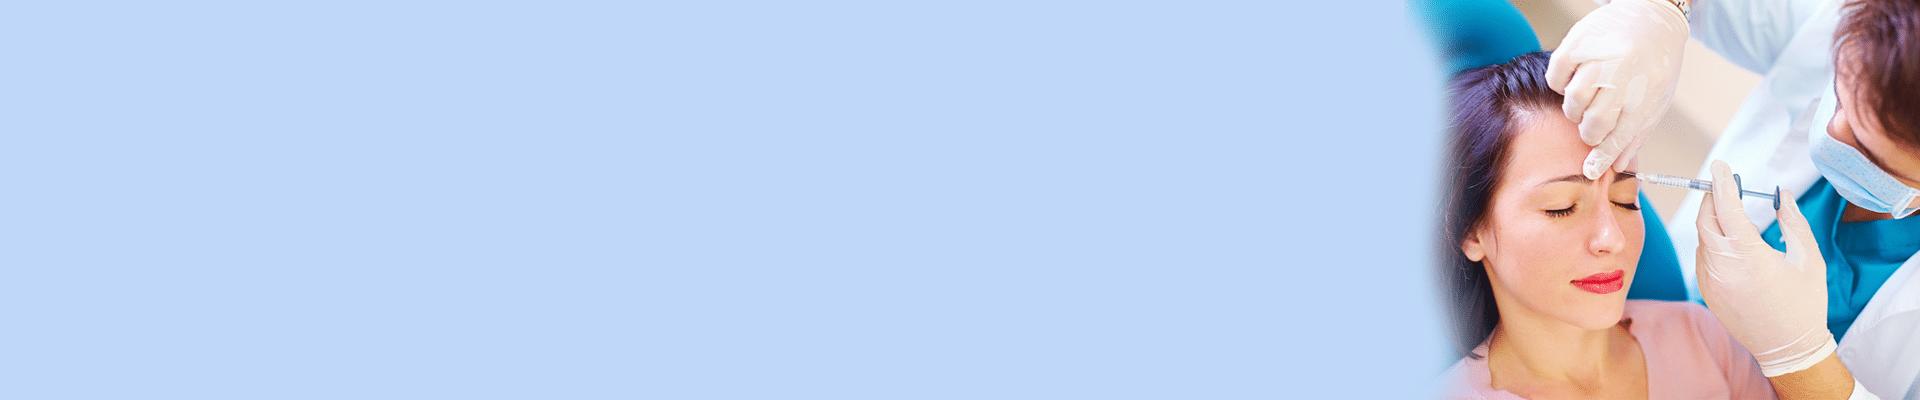 [:fr]Lipofilling du visage Nabeul tarif pas cher[:ar]عمليات شد الوجه و الرقبة تونس: شد الوجه، سعر شد الوجه[:]